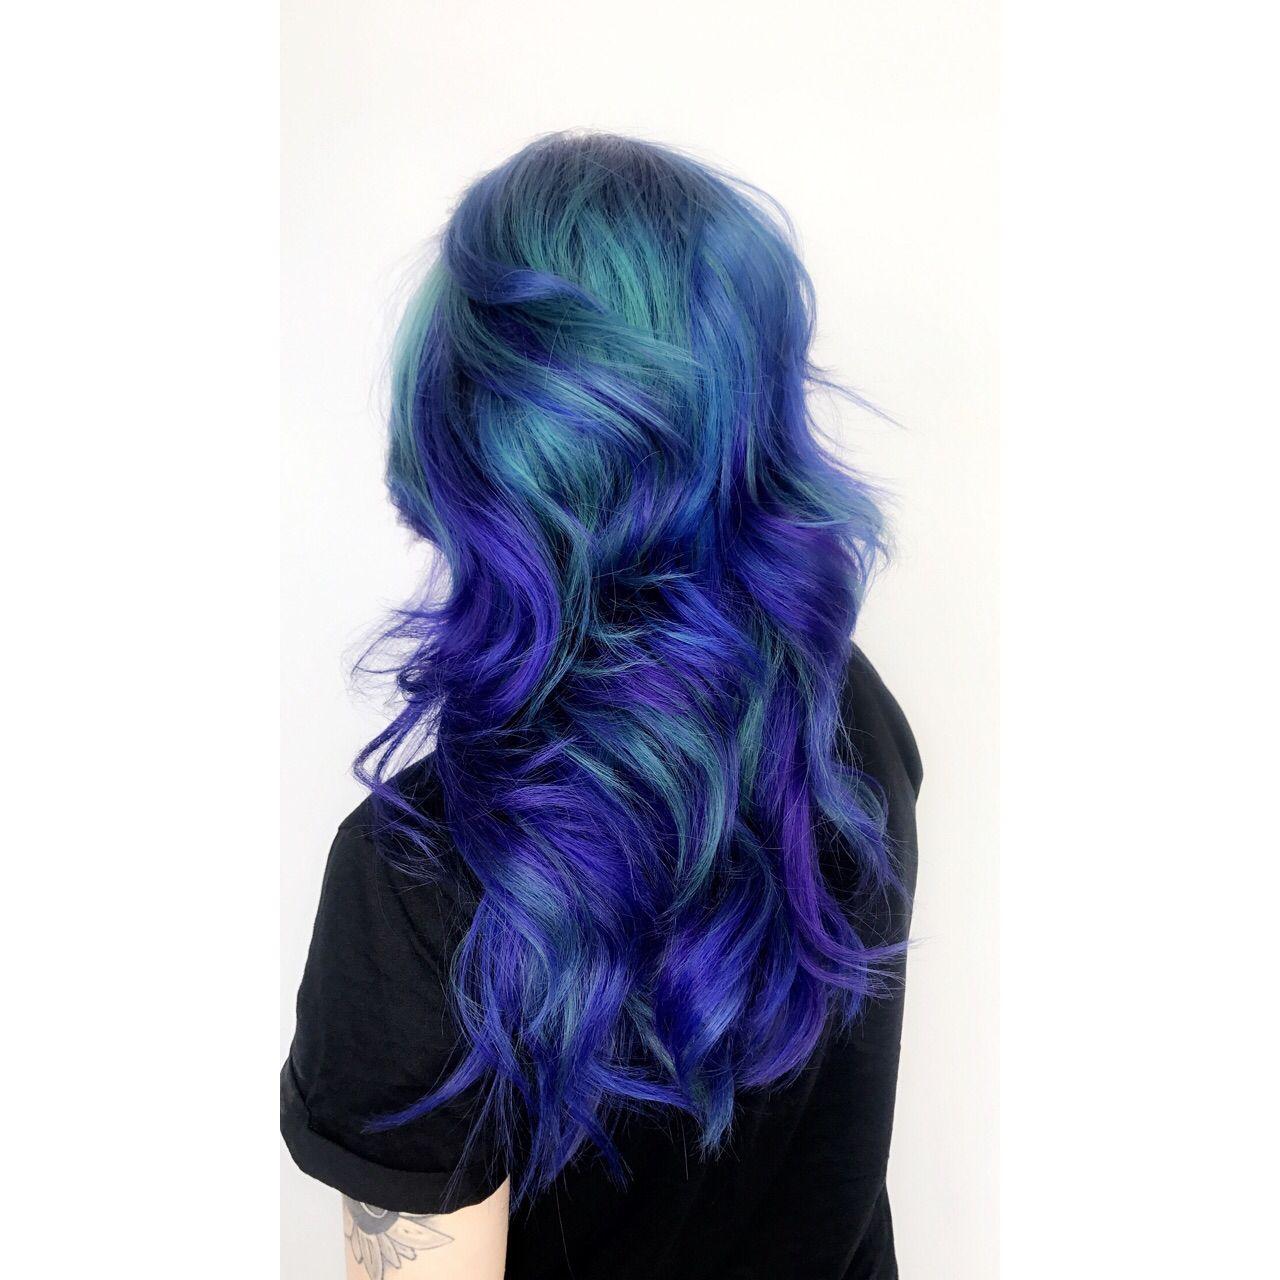 Galaxy Haircolor Bluehair Hairstyles Hair Fashion Hair